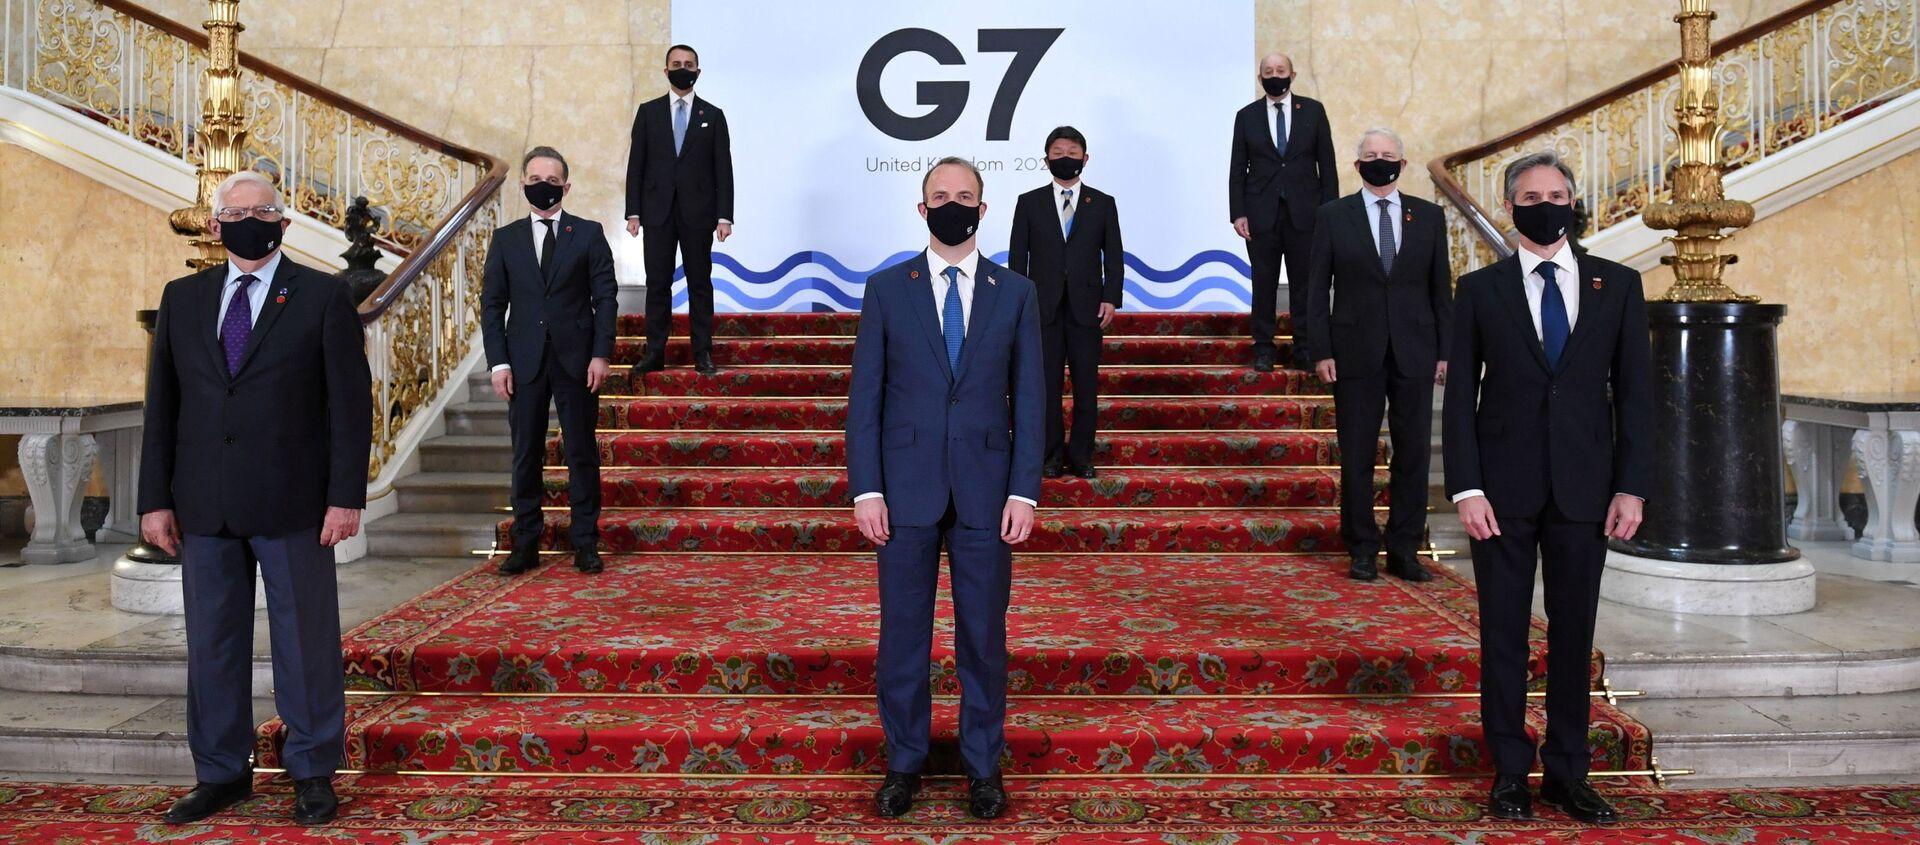 Szczyt G7 w Londynie - Sputnik Polska, 1920, 12.06.2021